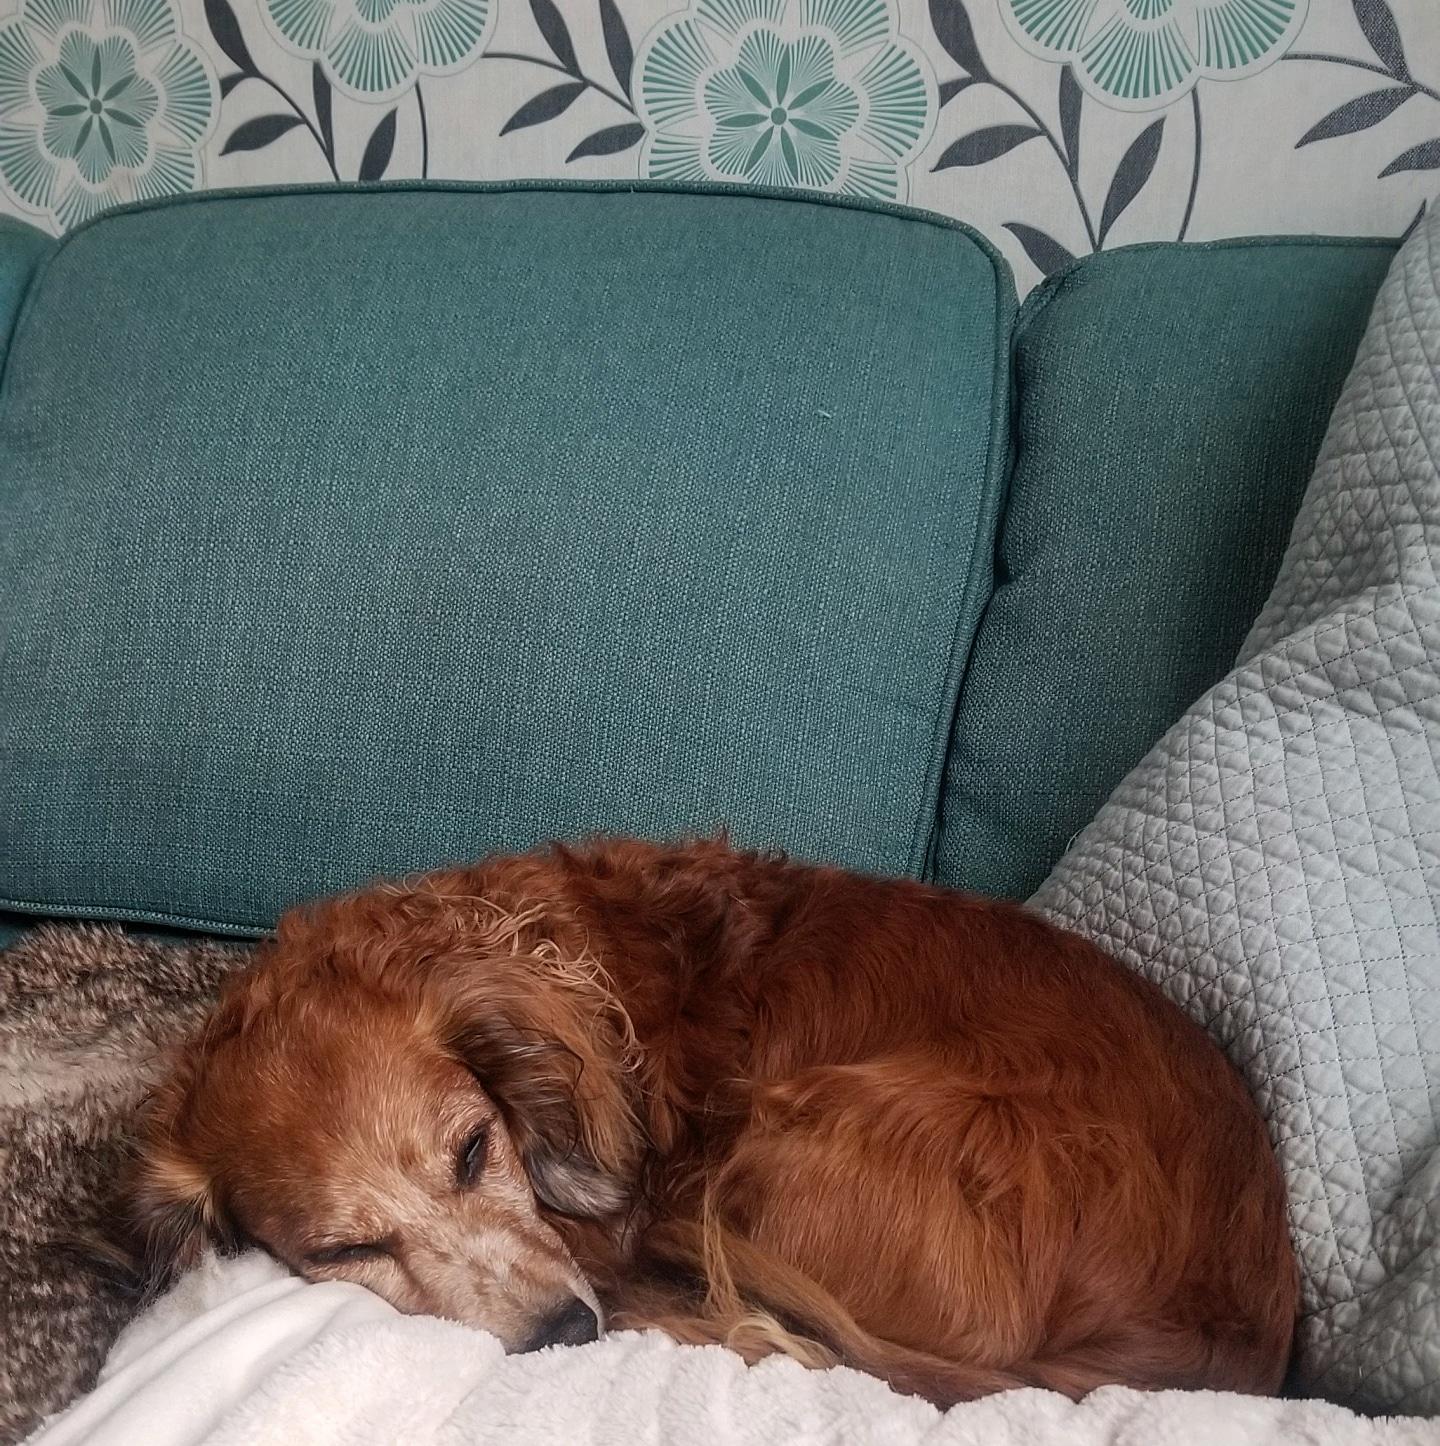 nicole's dog, oliver